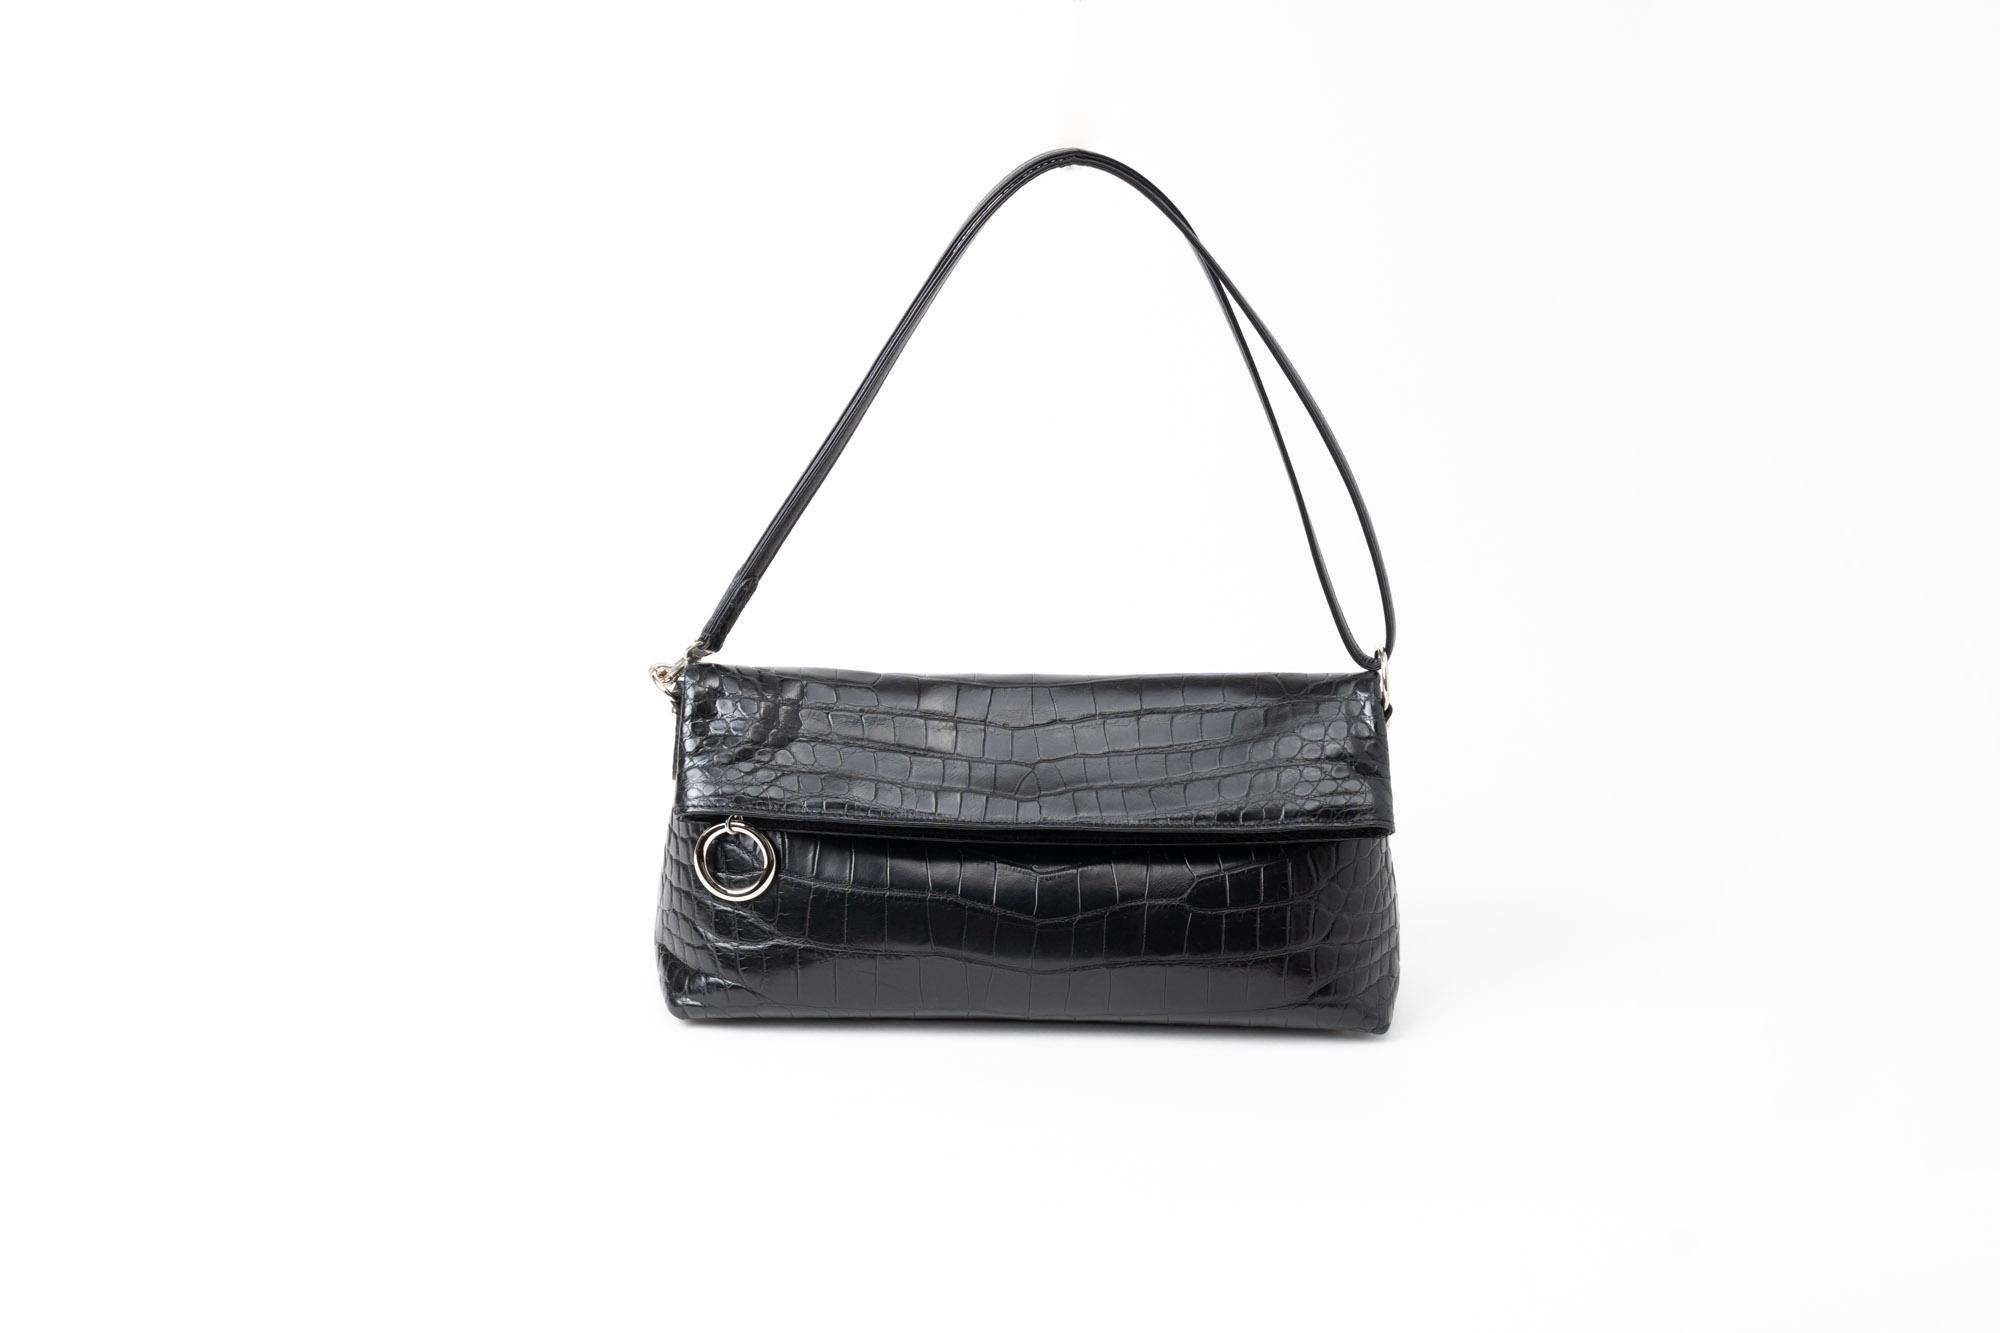 どんな配送方法でも選べる婦人用バッグを撮影 | 福岡の写真スタジオ